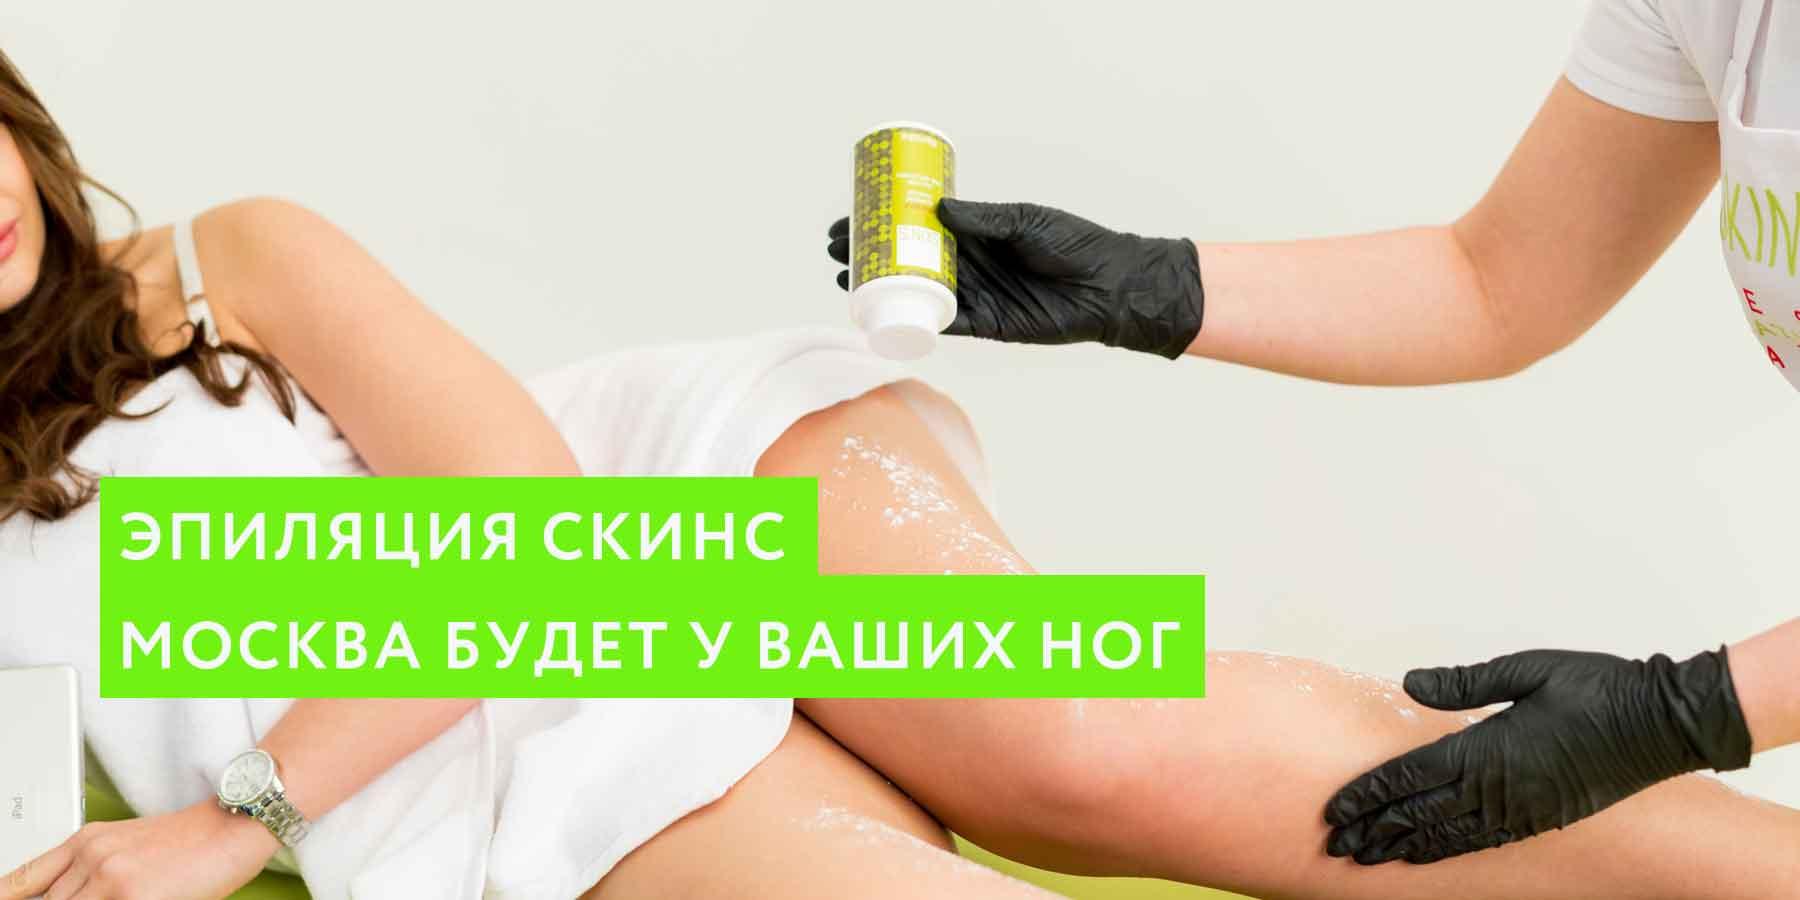 Эпиляция Скинс: Москва будет у ваших ног!